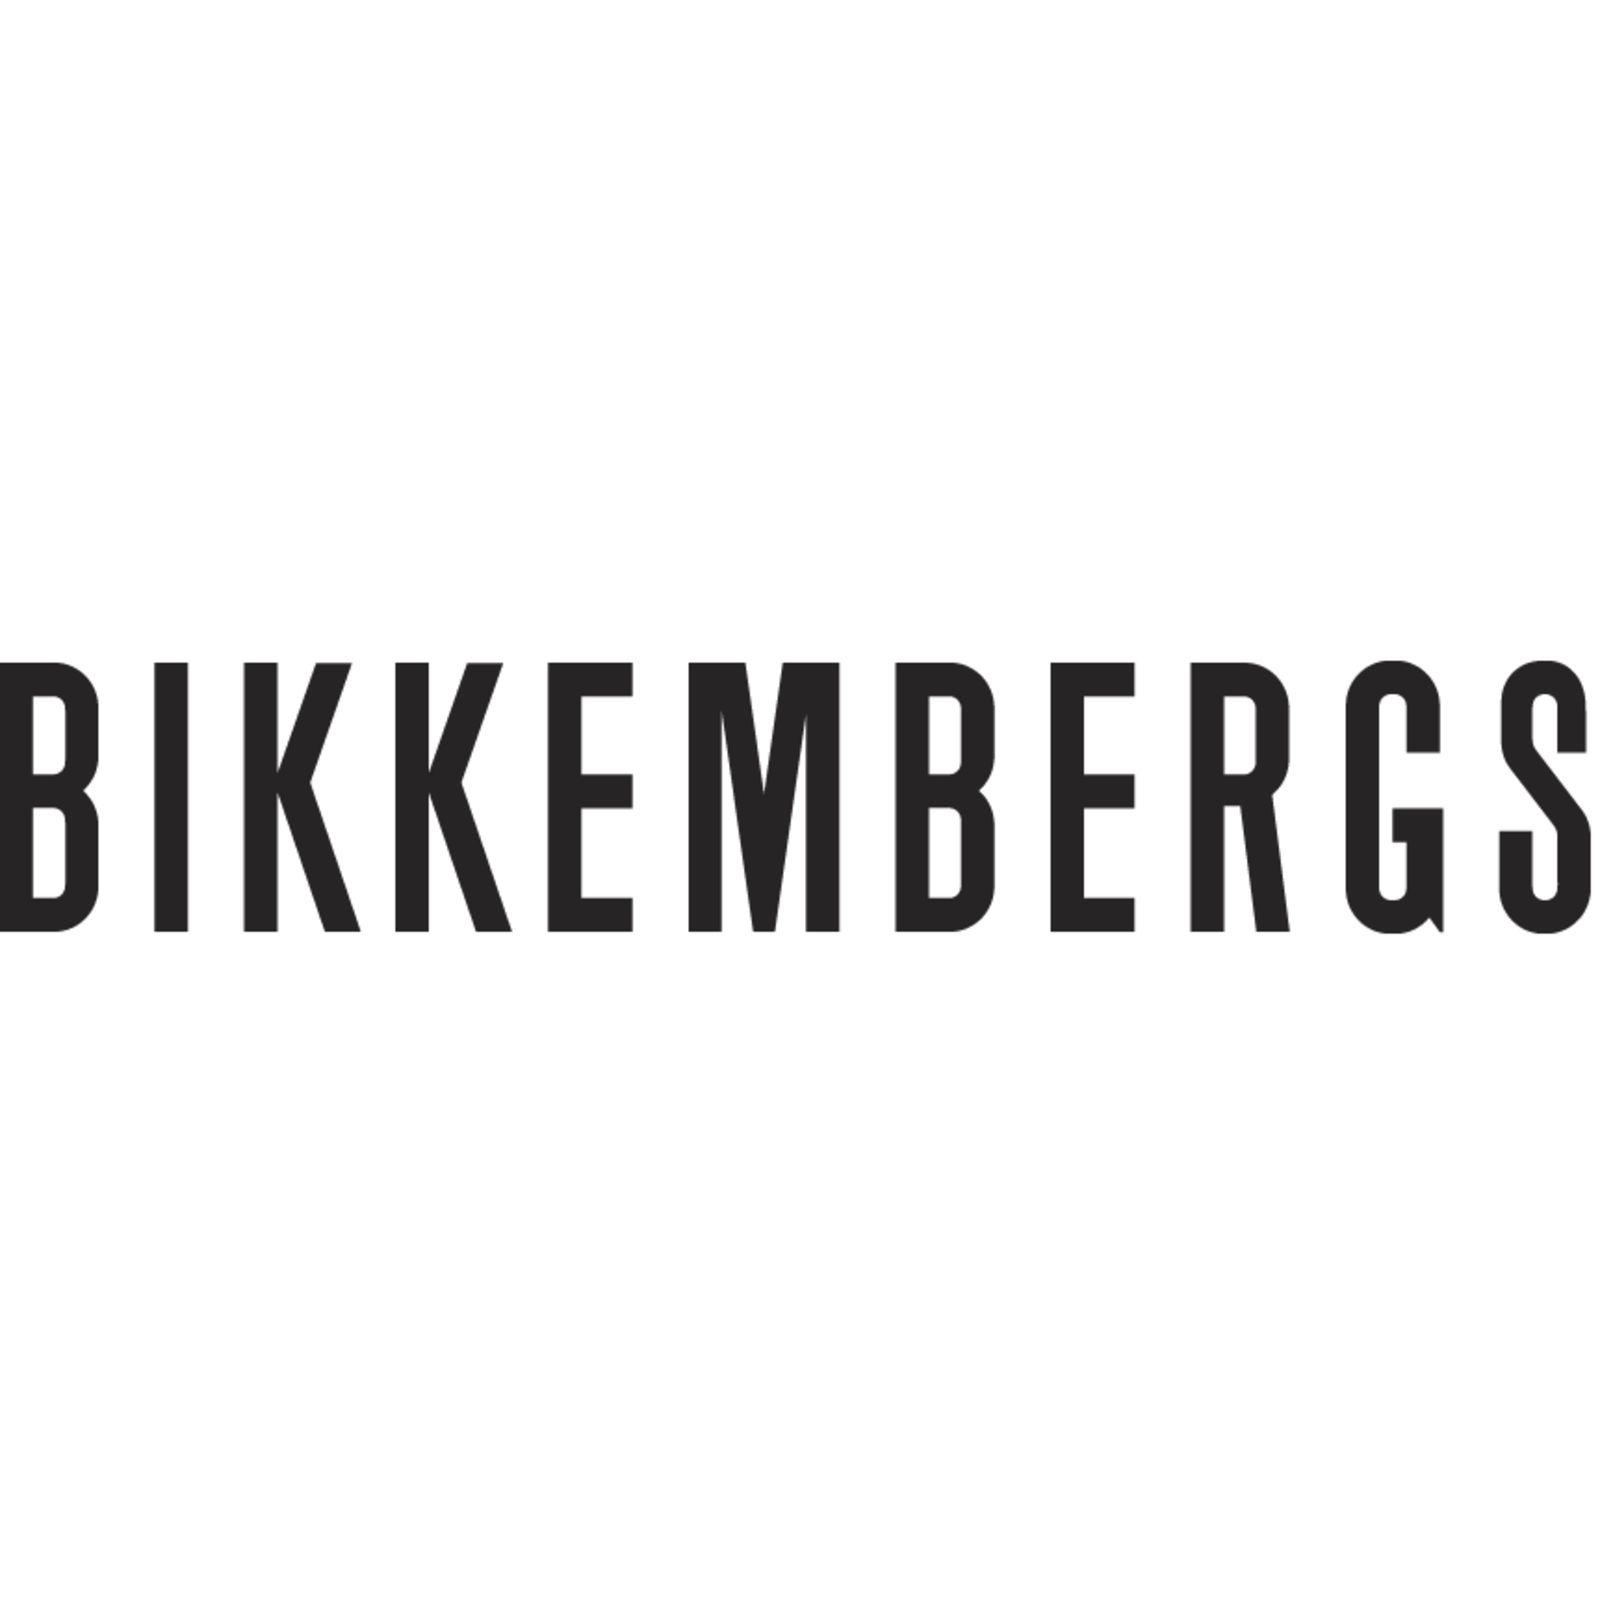 BIKKEMBERGS (Bild 1)